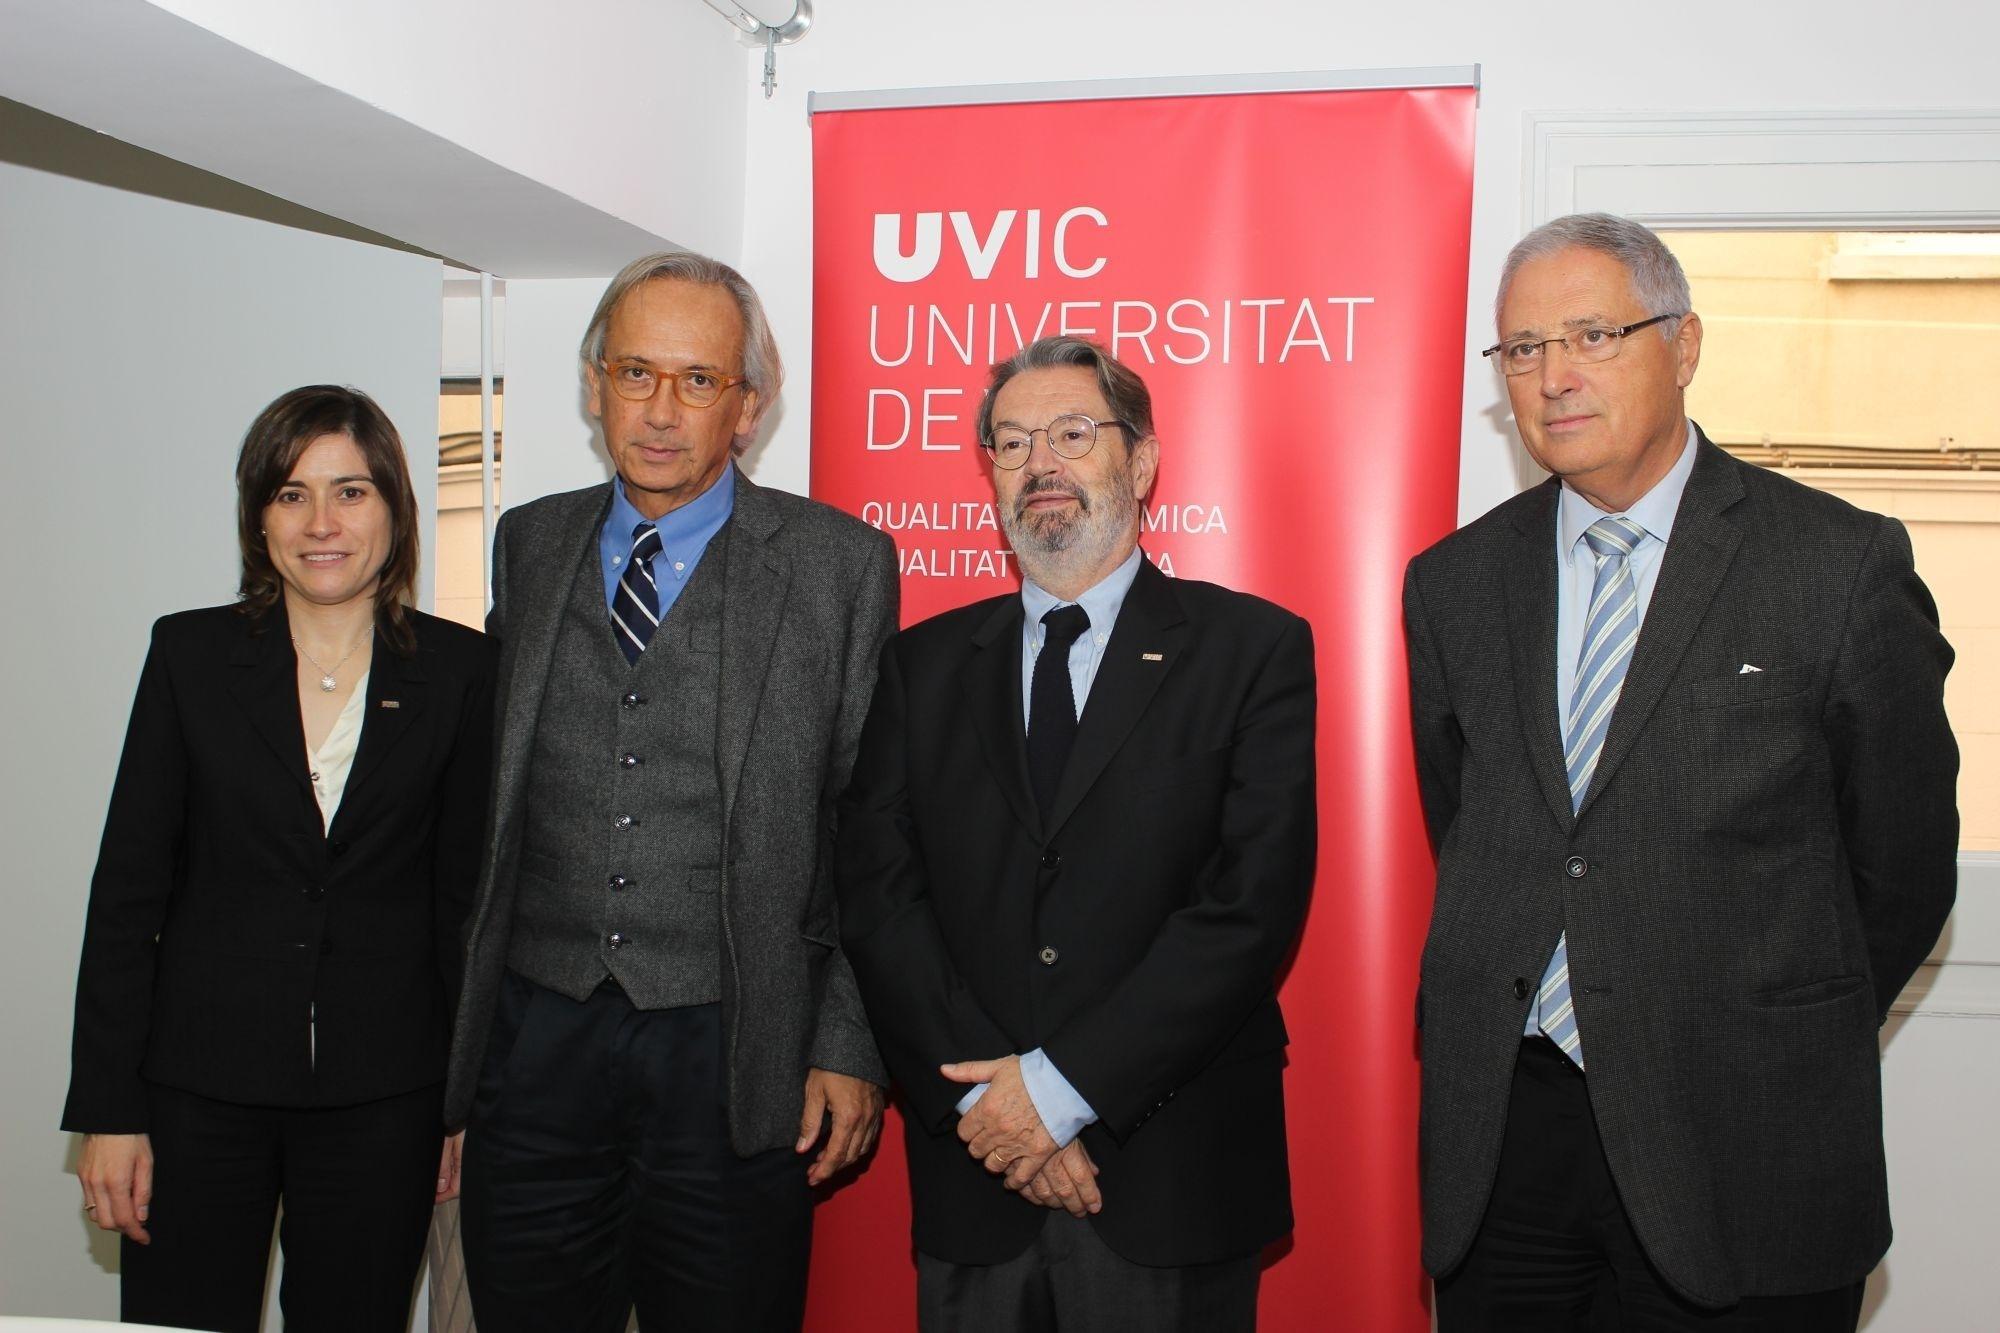 La UVic crea una cátedra para investigar sobre el Sida y enfermedades relacionadas